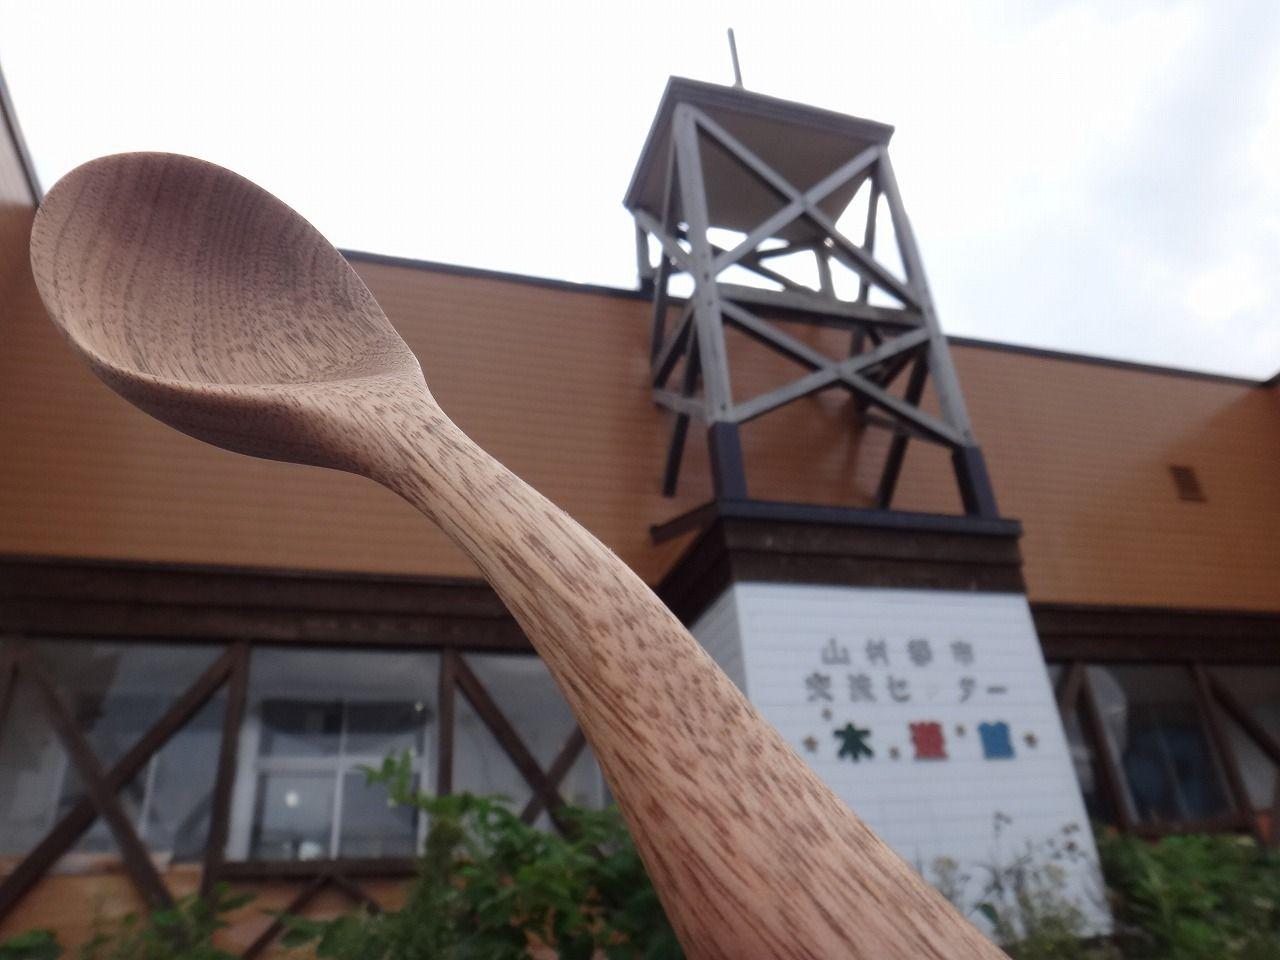 「木遊館」で世界にひとつの木工作品を作ろう!